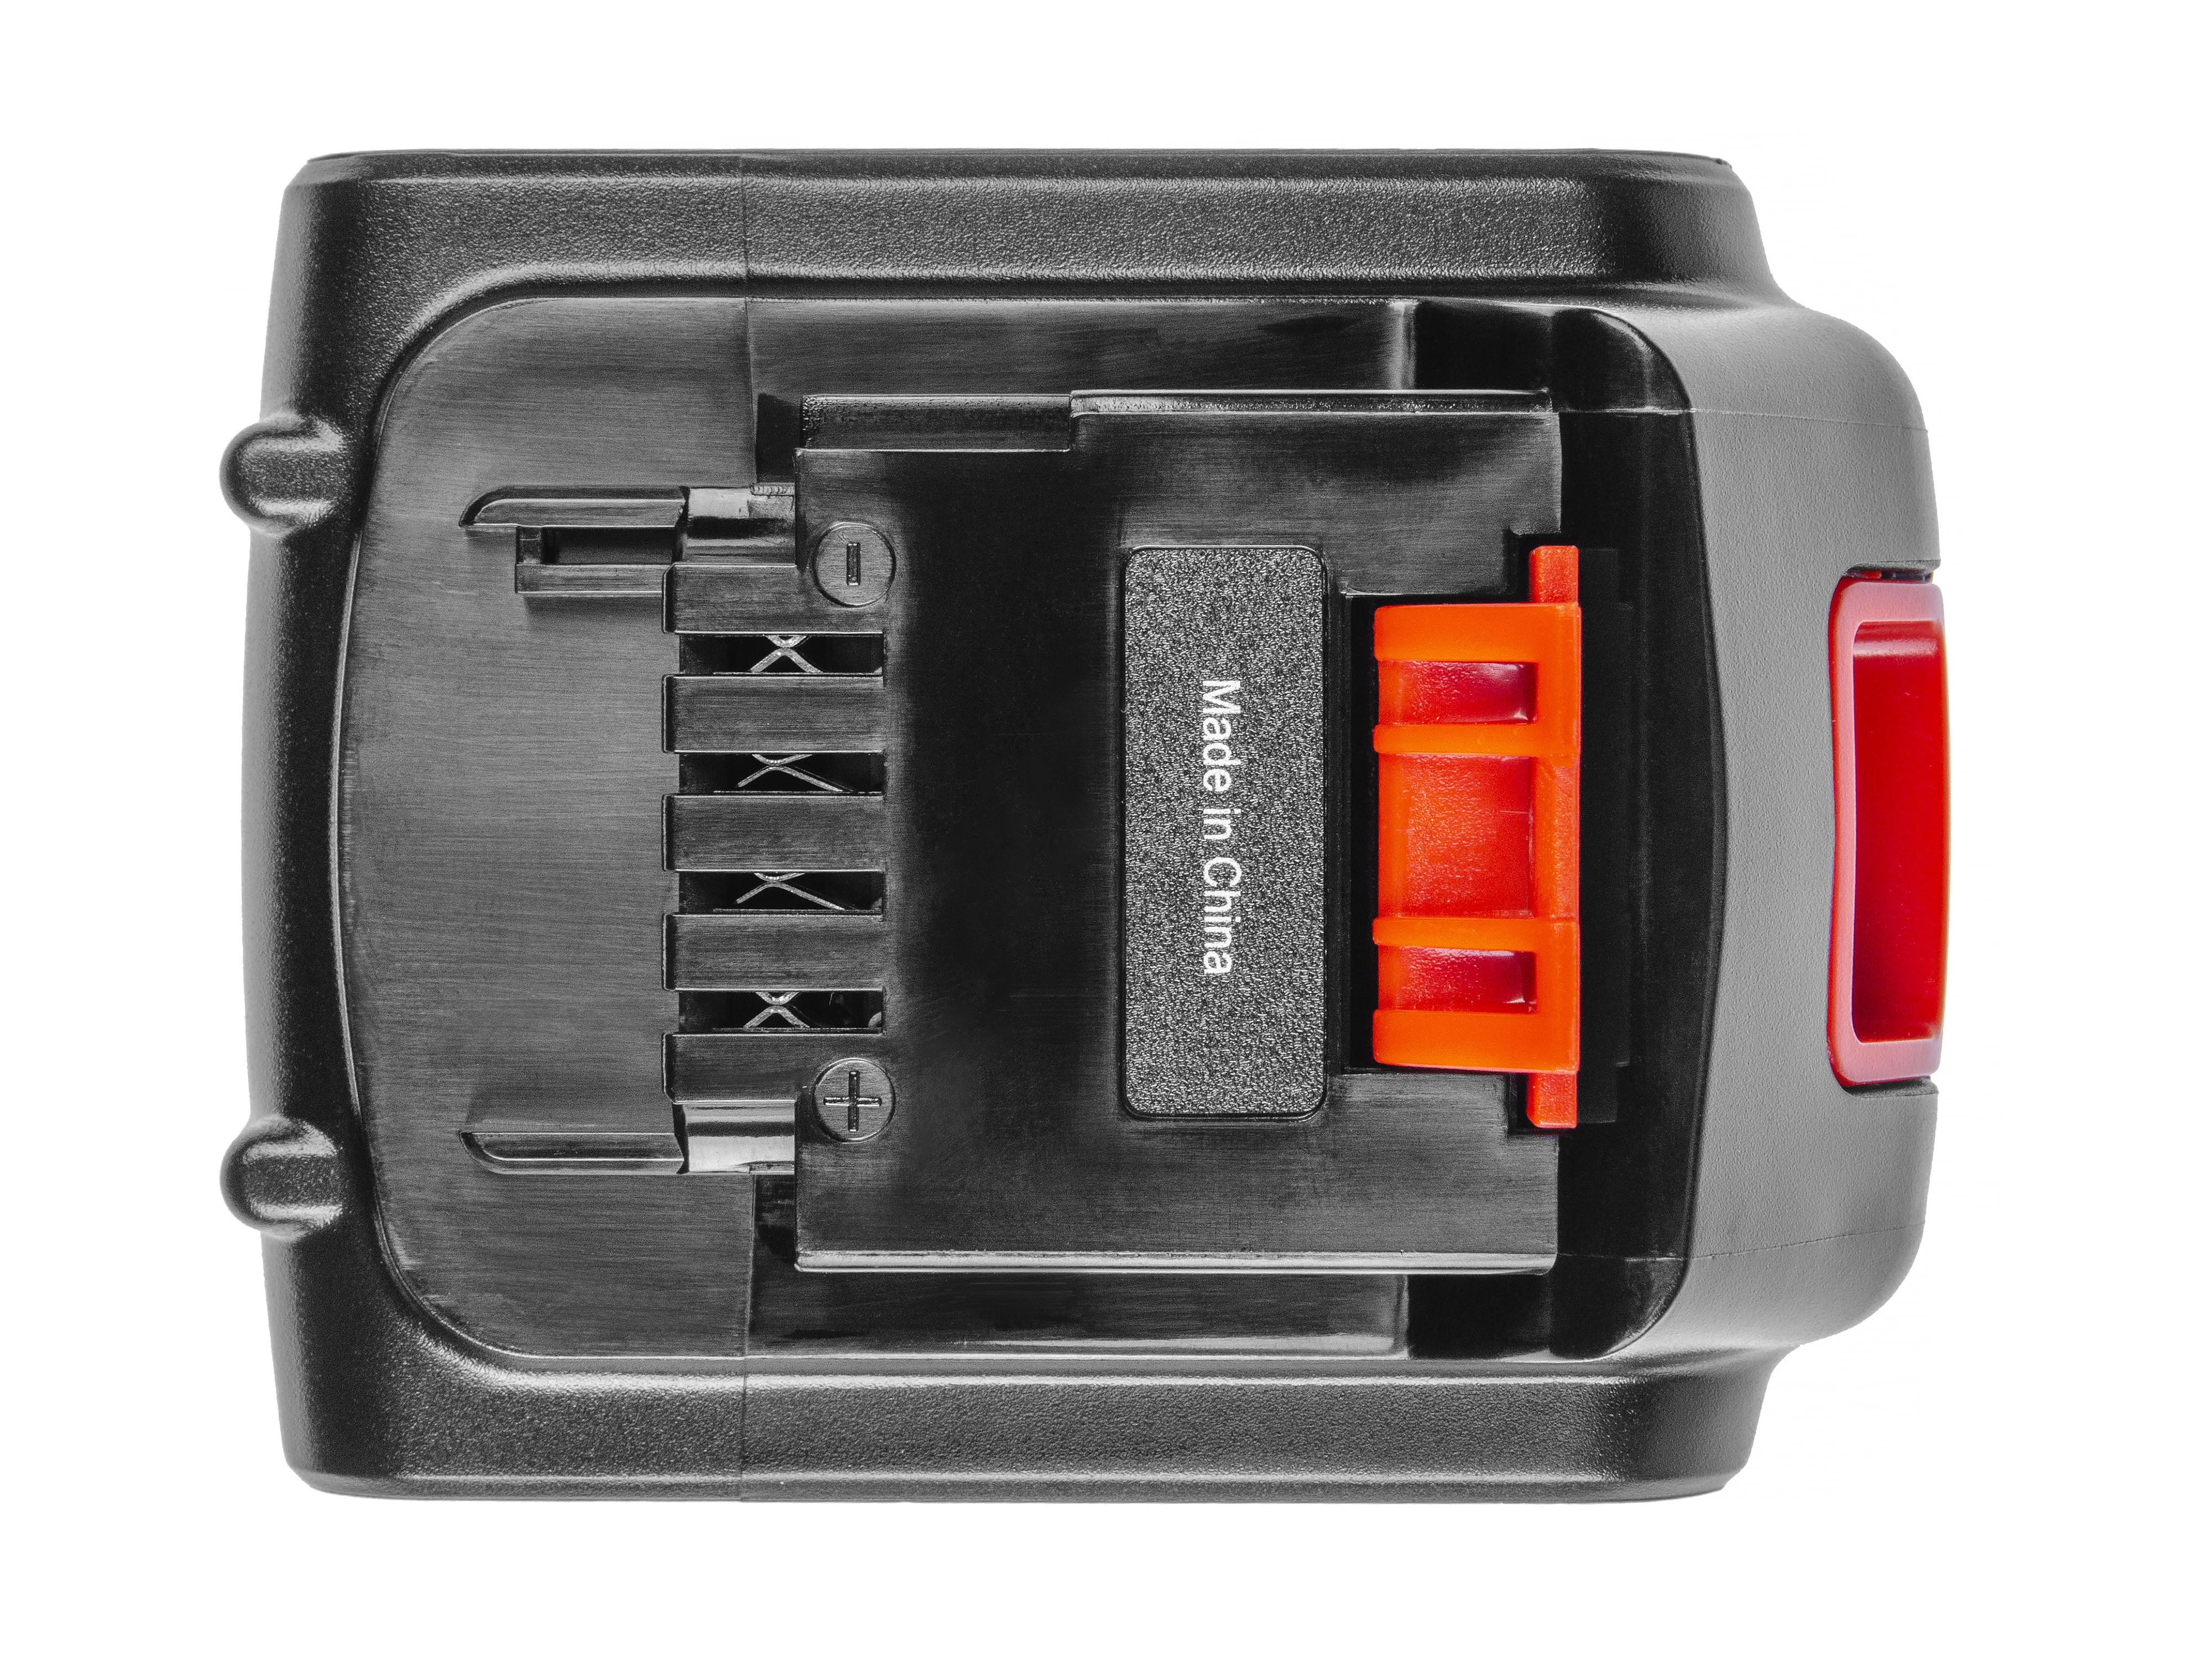 Green Cell Power Tool Battery for Black & Decker BL1114 14.4V 2Ah